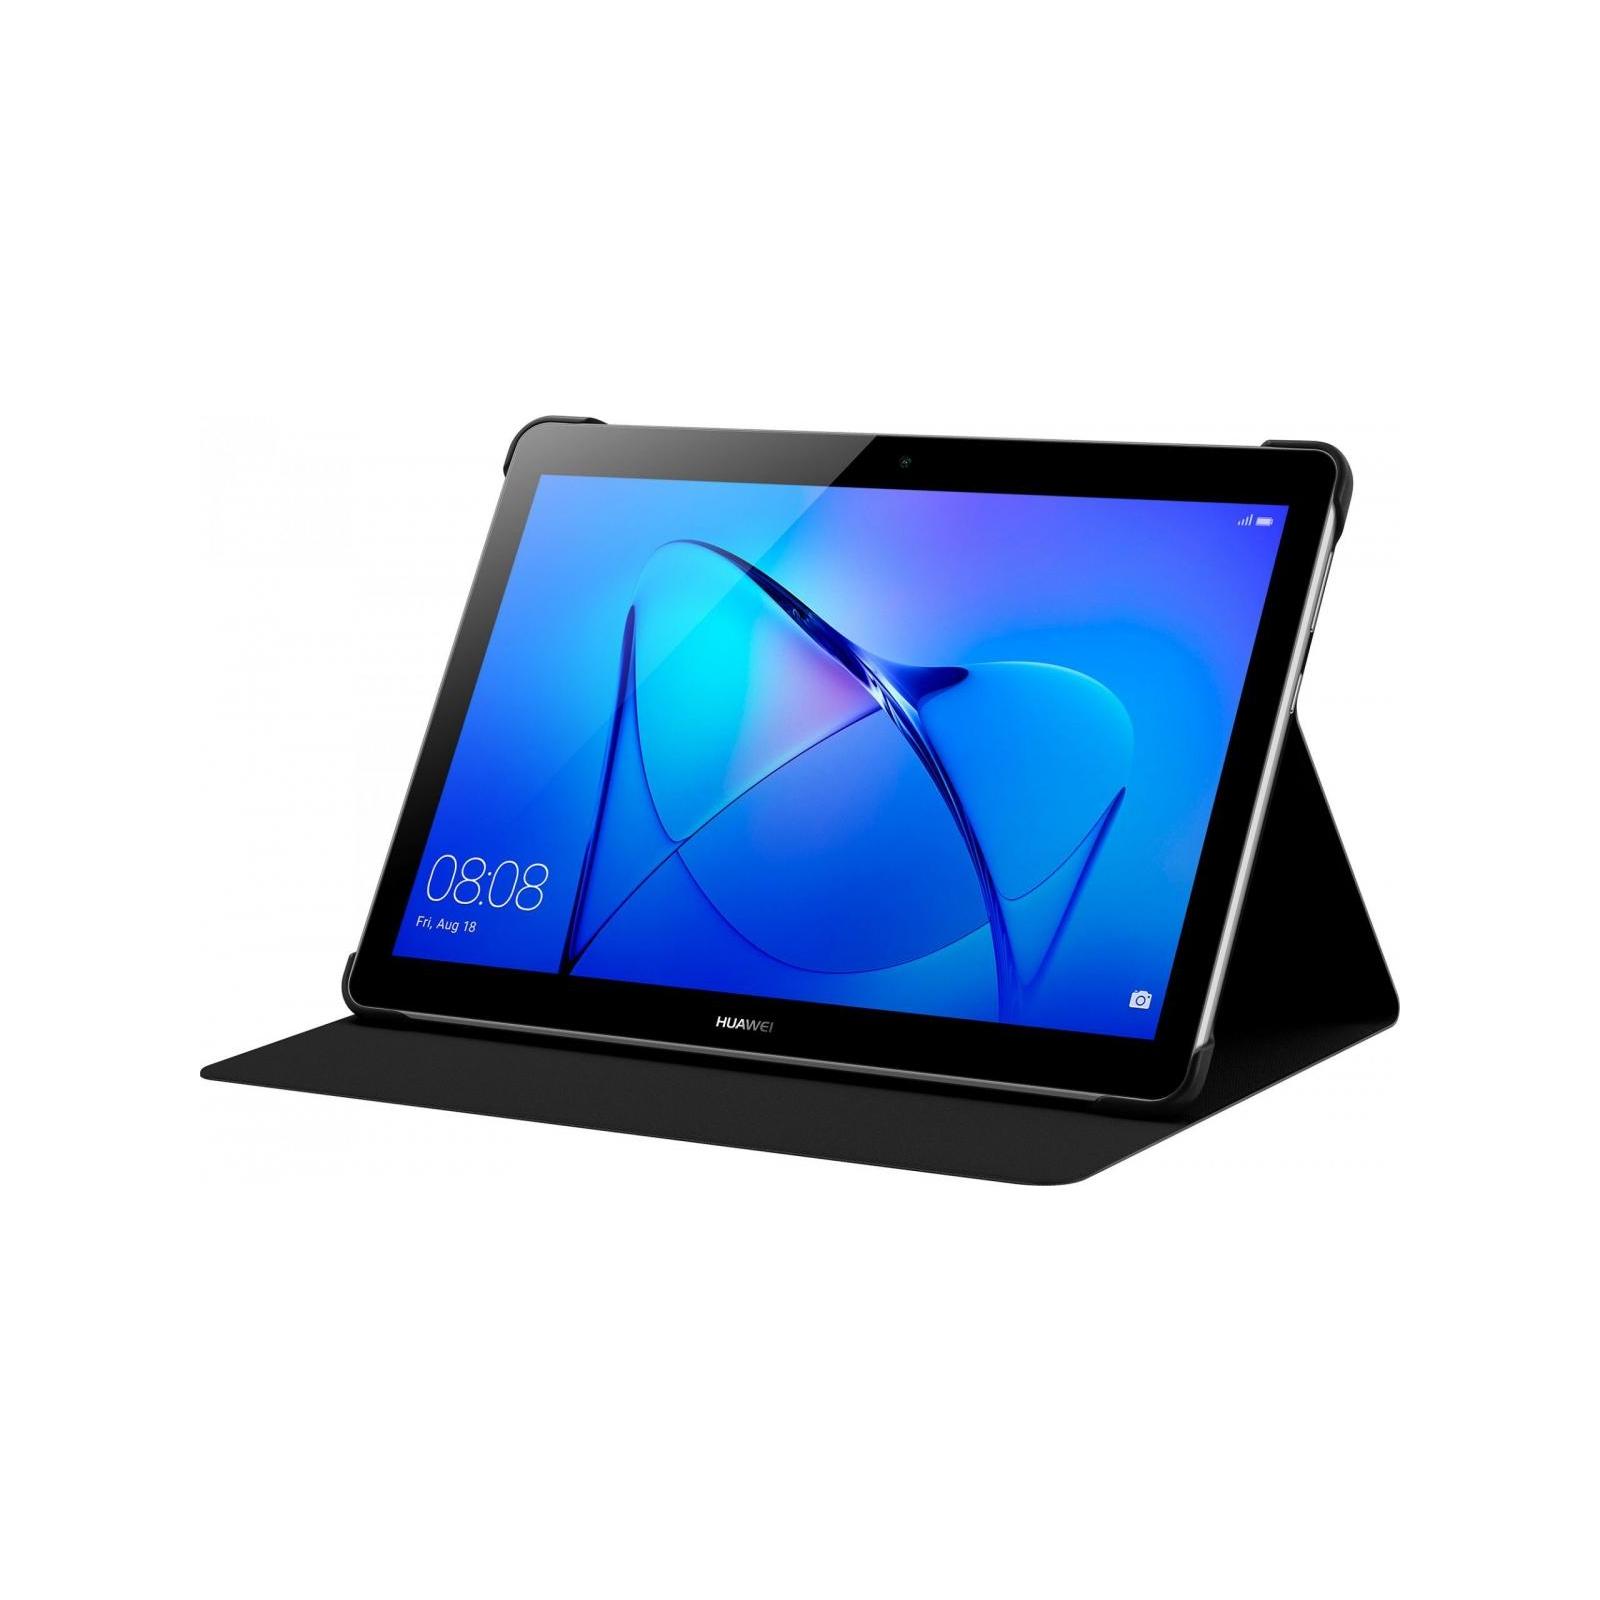 Чехол для планшета Huawei для MediaPad T3 10 flip cover black (51991965) изображение 3